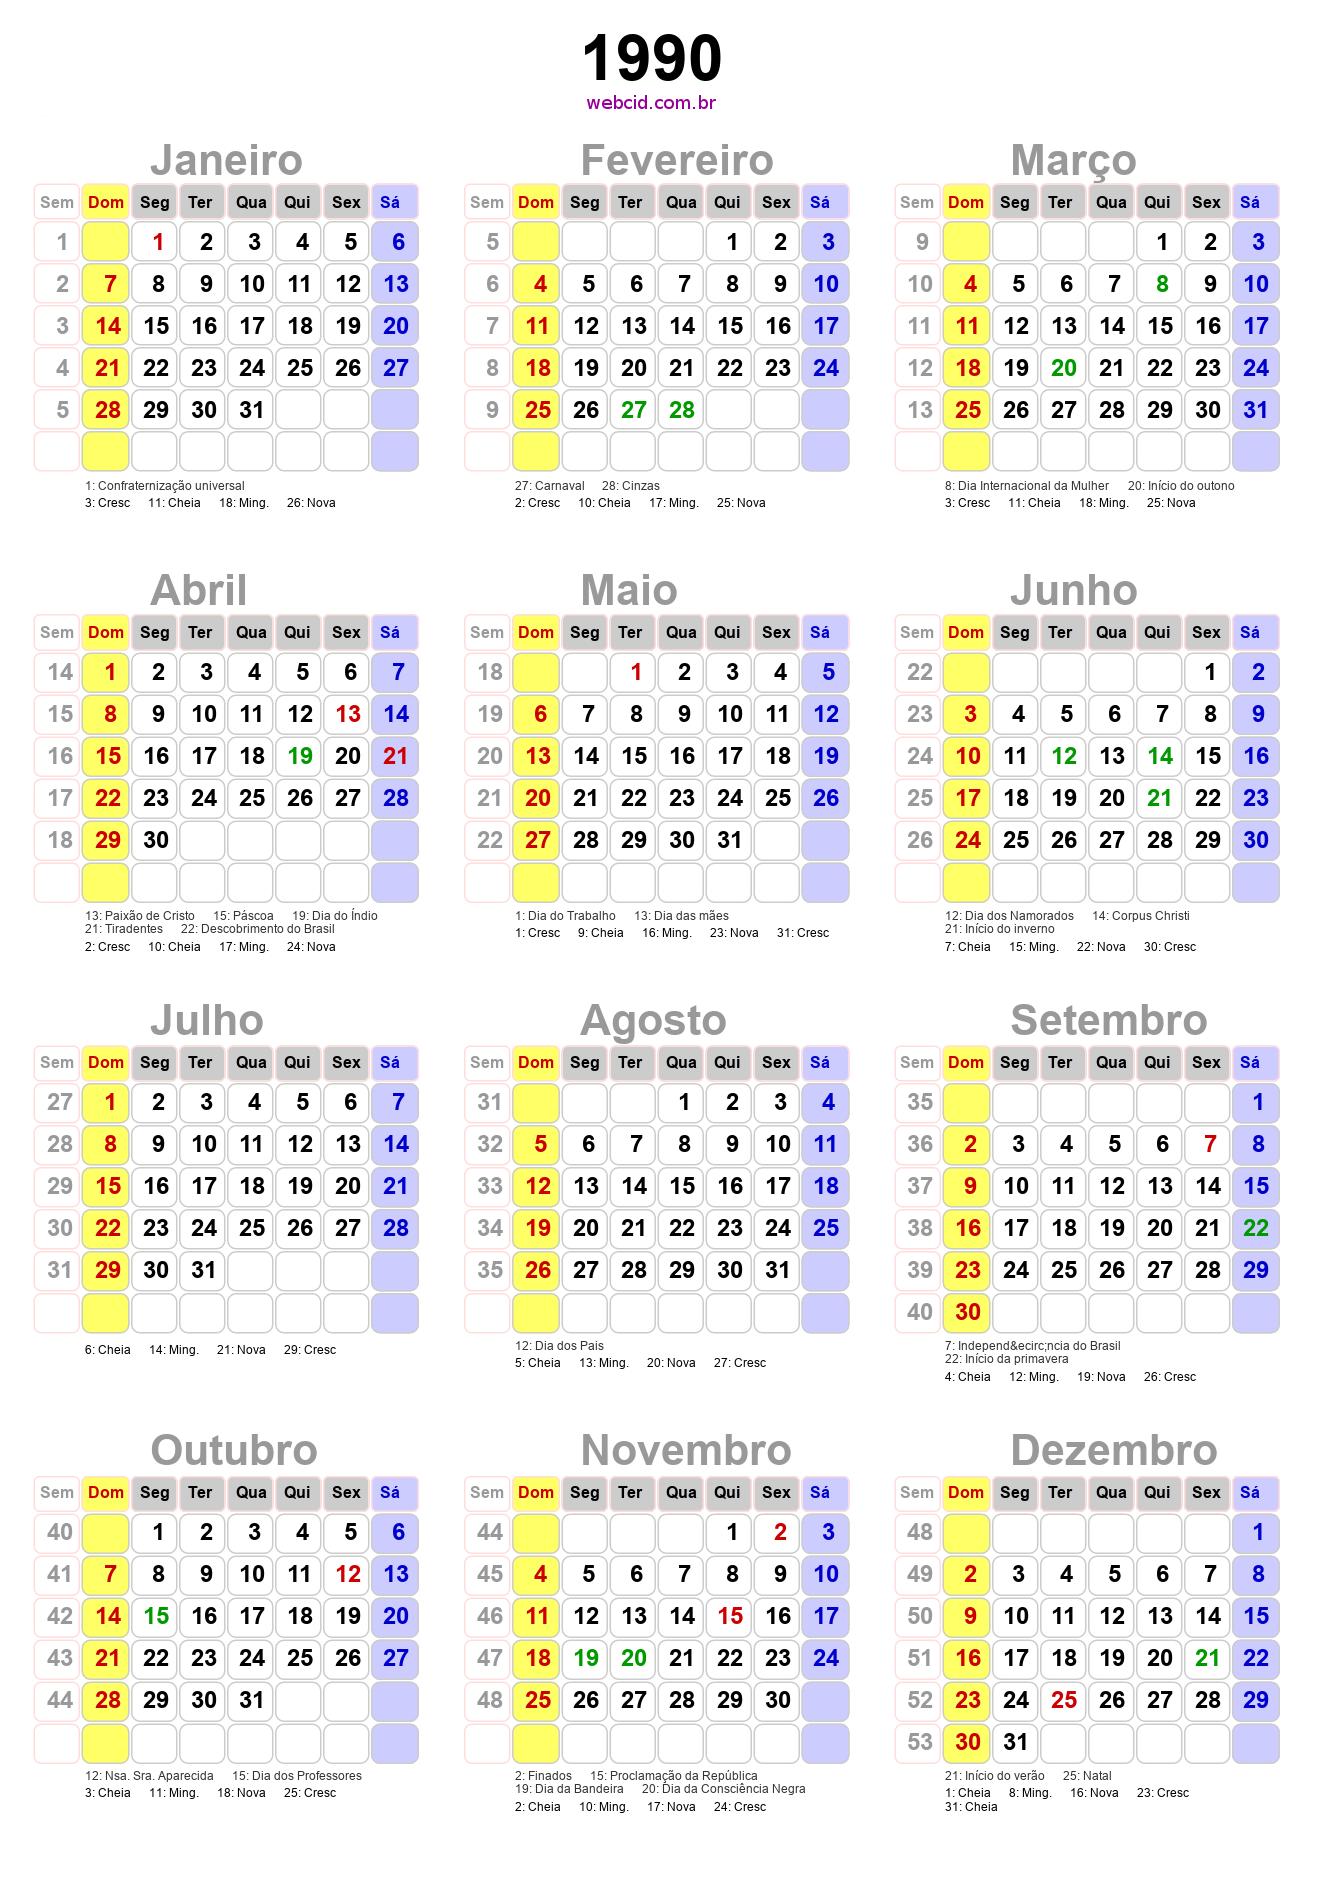 1990 Calendario.Calendario 1990 Em Png Pronto Para Voce Utilizar Webcid